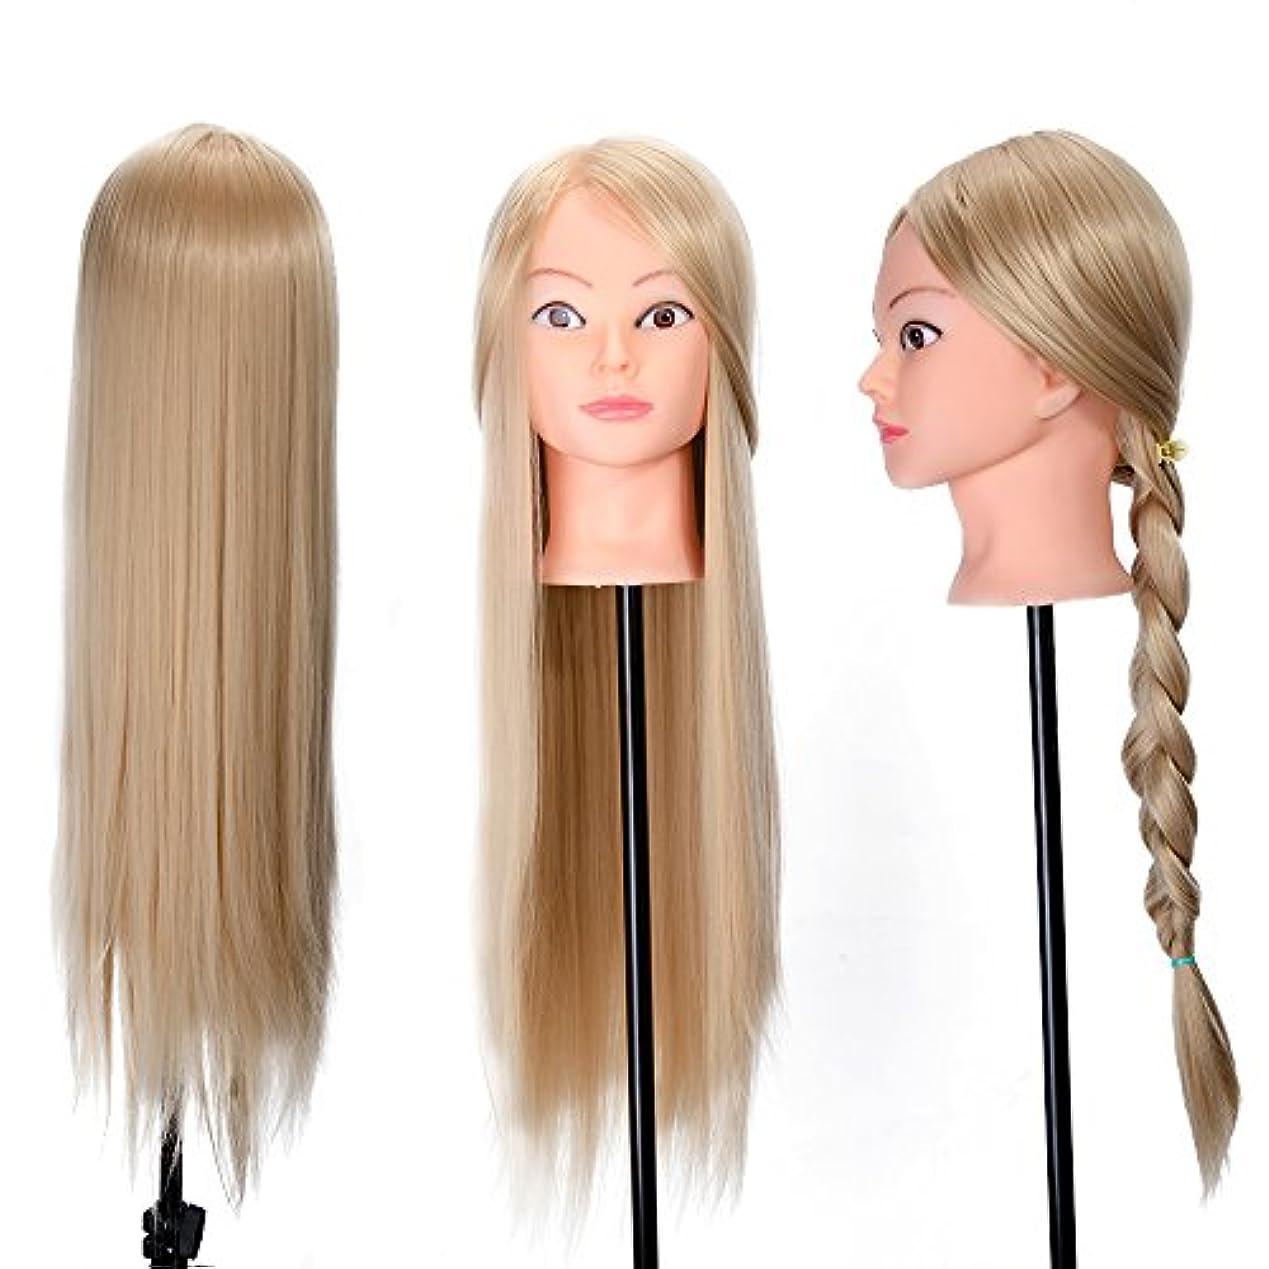 孤独ドロー意志26インチトレーニングヘッドヘア編組モデルヘアスタイル人形でテーブルクランプサロンスタイリングデザインマネキンダミーヘッド